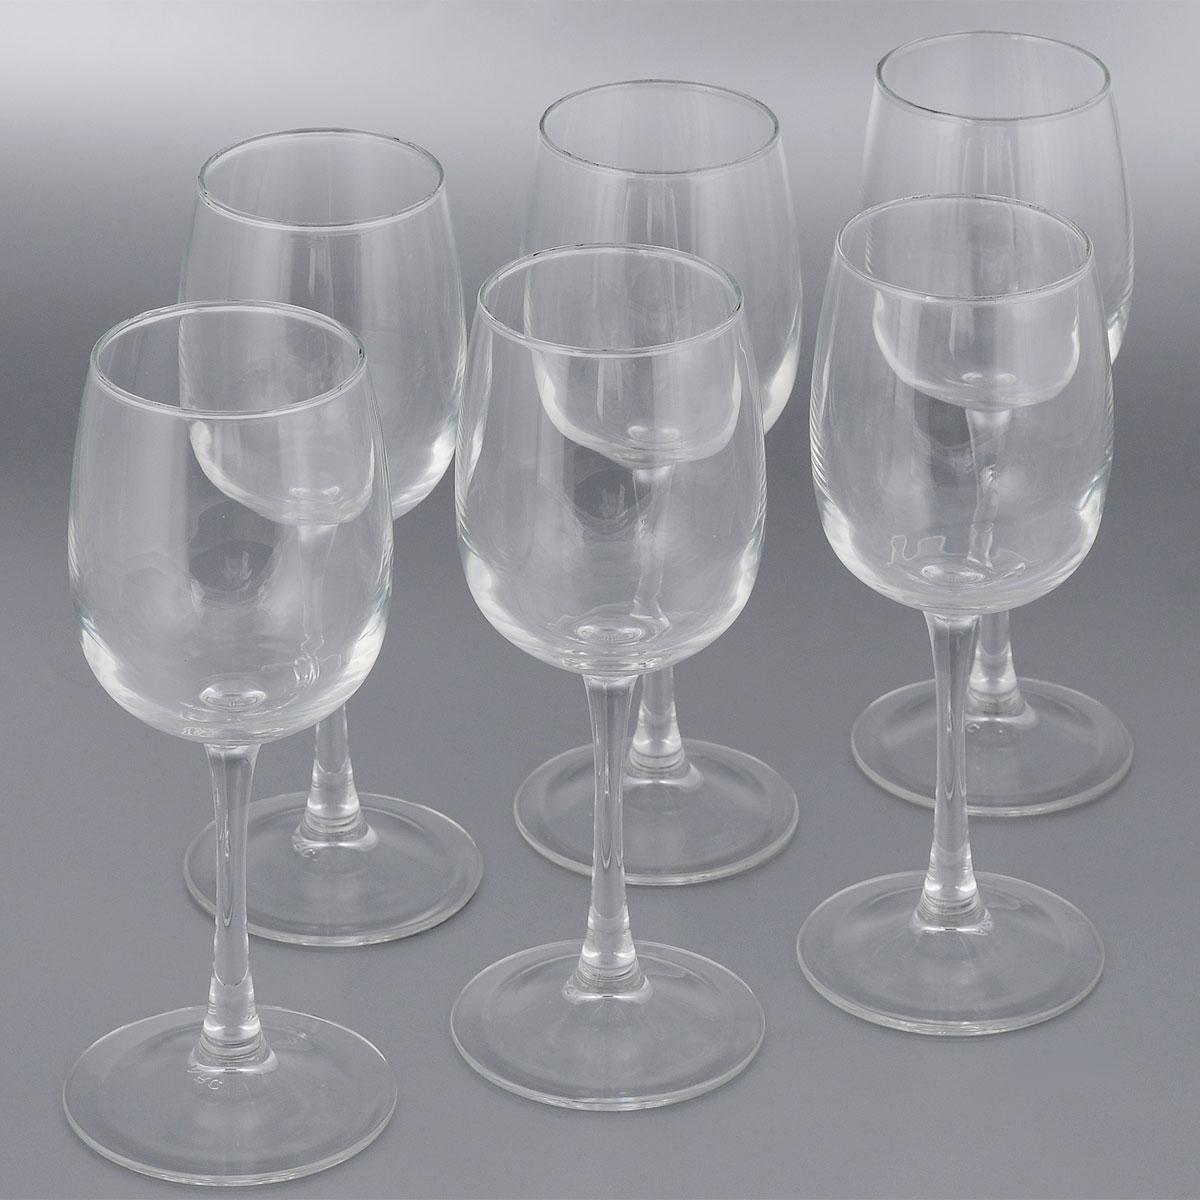 Набор бакалов для вина Luminarc Versailles, 360 мл, 6 штG1483Набор Luminarc Versailles состоит из шести классических бокалов, выполненных из прочного стекла. Изделия оснащены высокими ножками и предназначены для подачи вина. Они сочетают в себе элегантный дизайн и функциональность. Набор фужеров Versailles прекрасно оформит праздничный стол и создаст приятную атмосферу за романтическим ужином. Такой набор также станет хорошим подарком к любому случаю. Можно мыть в посудомоечной машине. Диаметр фужера (по верхнему краю): 6,5 см. Диаметр основания фужера: 7,5 см. Высота фужера: 21,5 см.